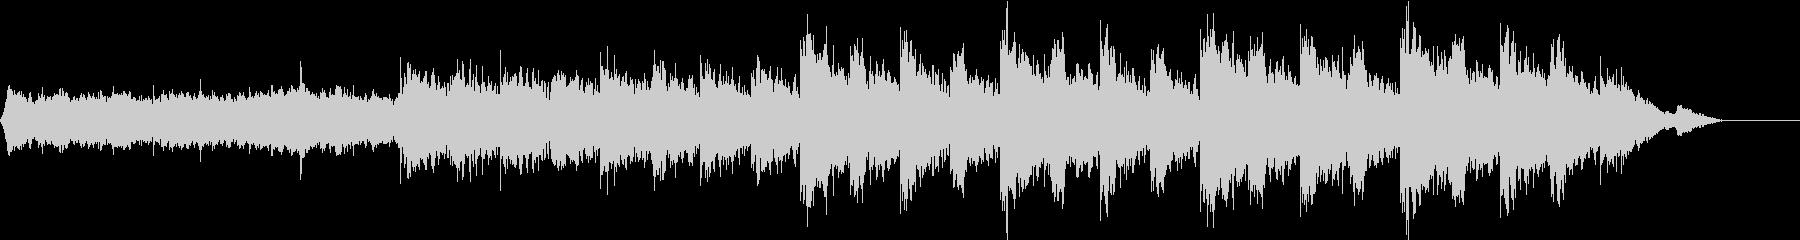 ショートBGM、エスニックフォレストの未再生の波形